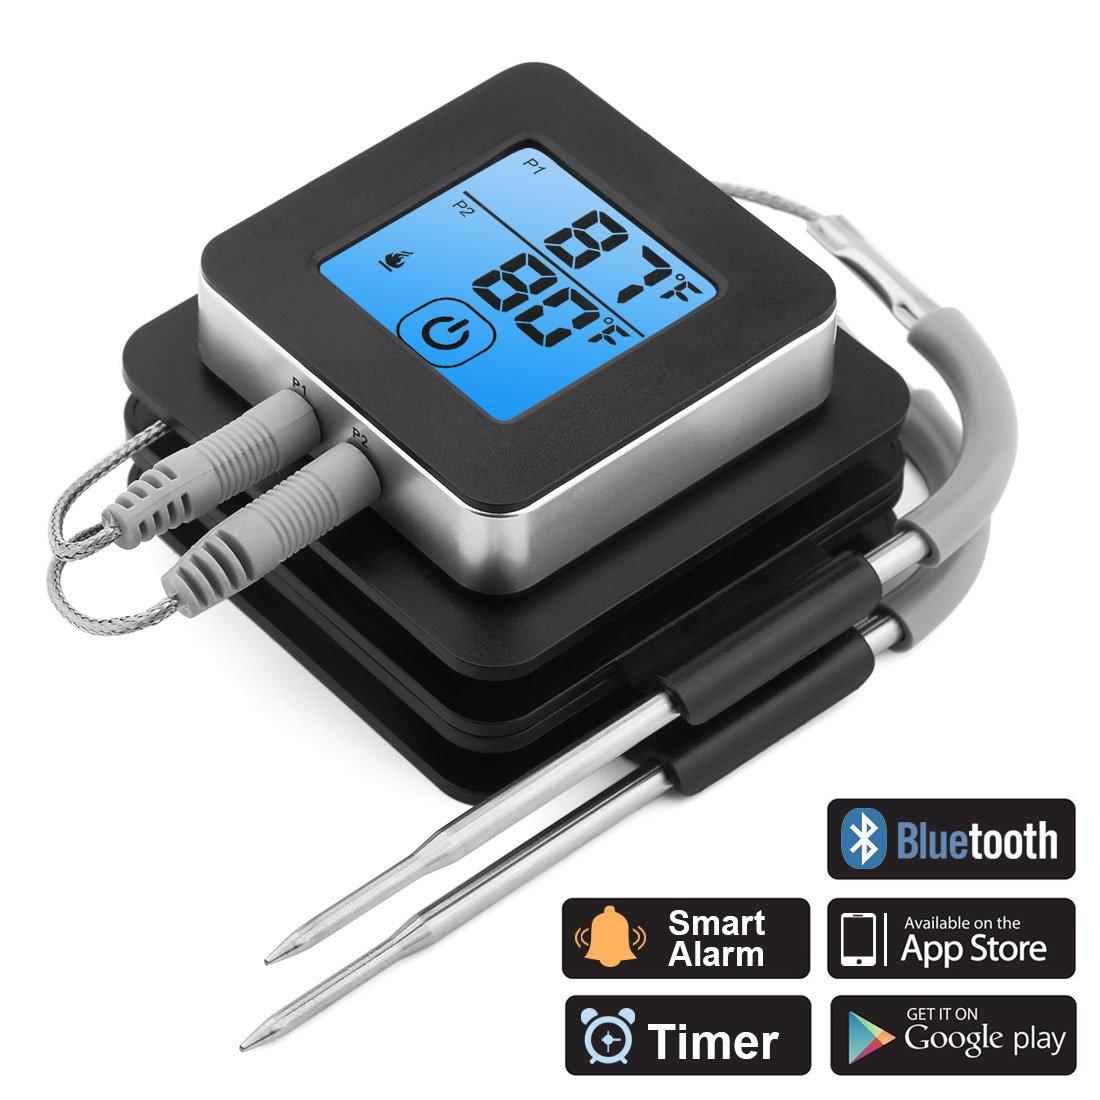 ACTOPP Grillthermometer BBQ Bratenthermometer Thermometer 2 Sonden Einstichthermometer Temperatur Voreinstellung Alarm IOS Android Magnetische Design f/ür Kochen Grill Steak Smoker Backen